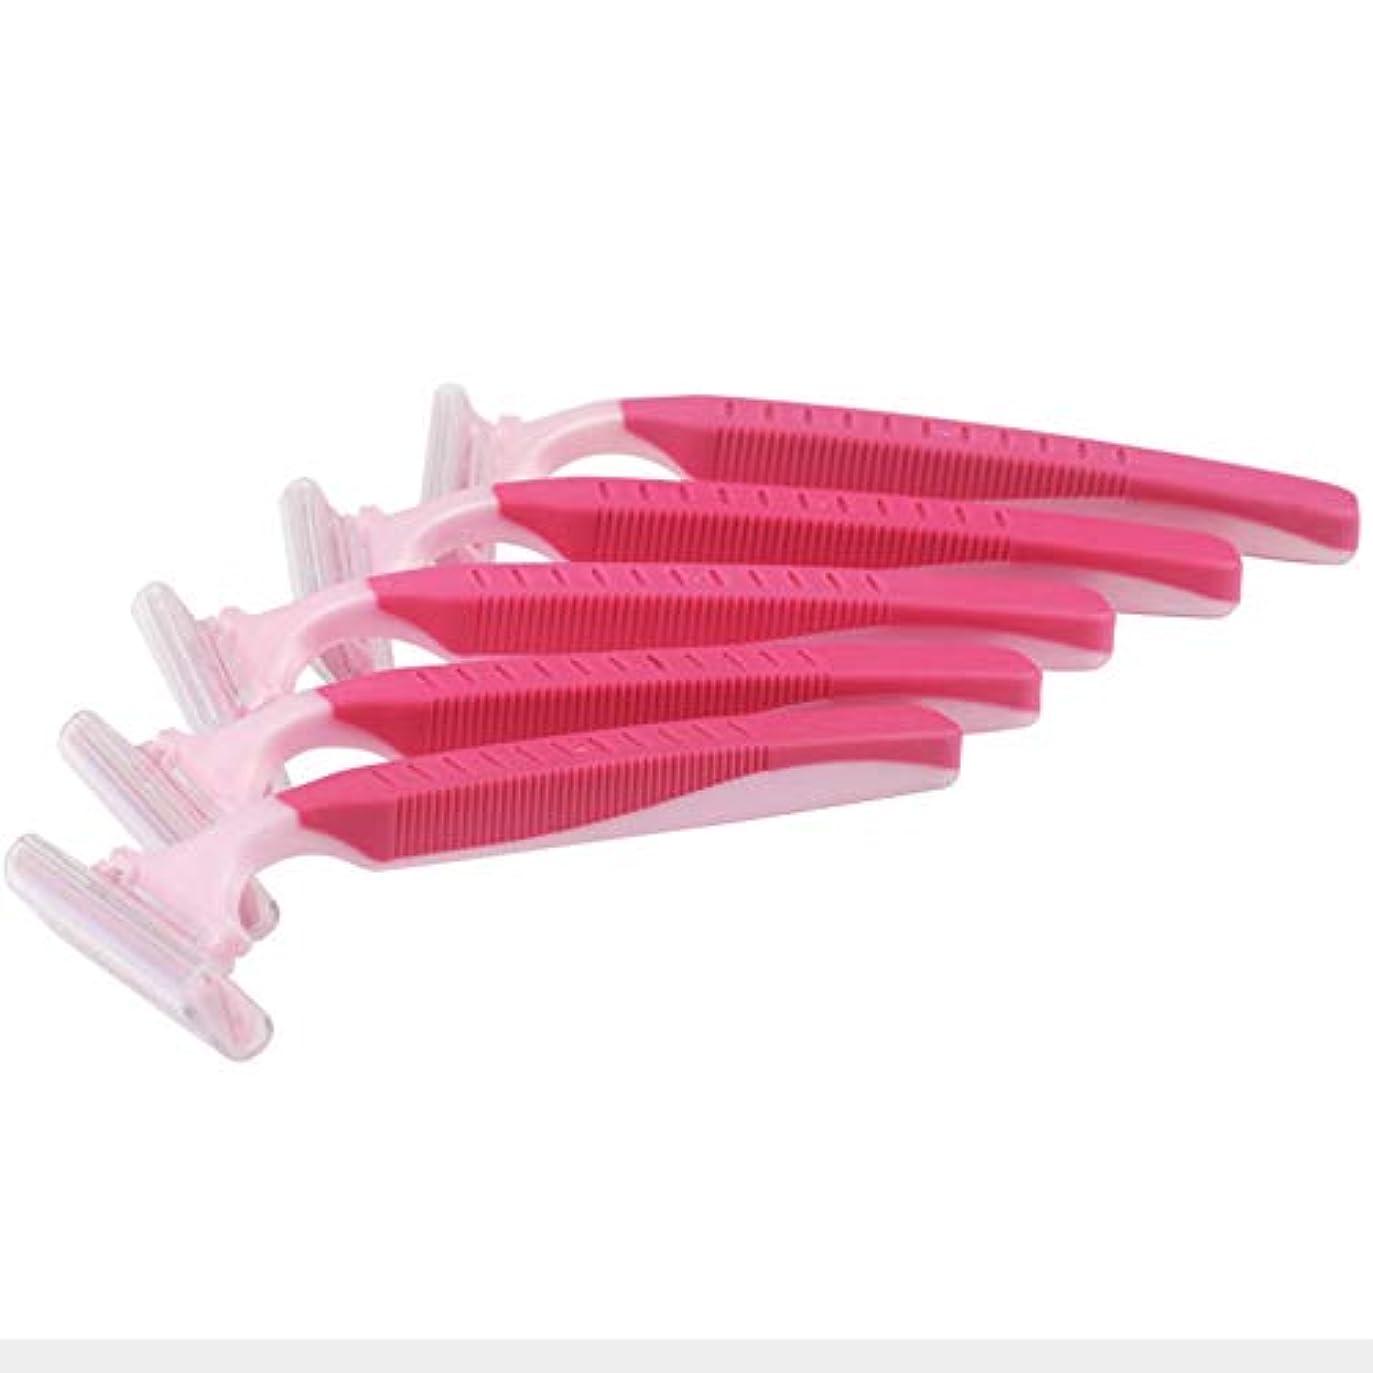 来て強い不安ボディのプライベートな部分の下にあるナイフに加えて、軽くて持ち運びが簡単5本のピンク